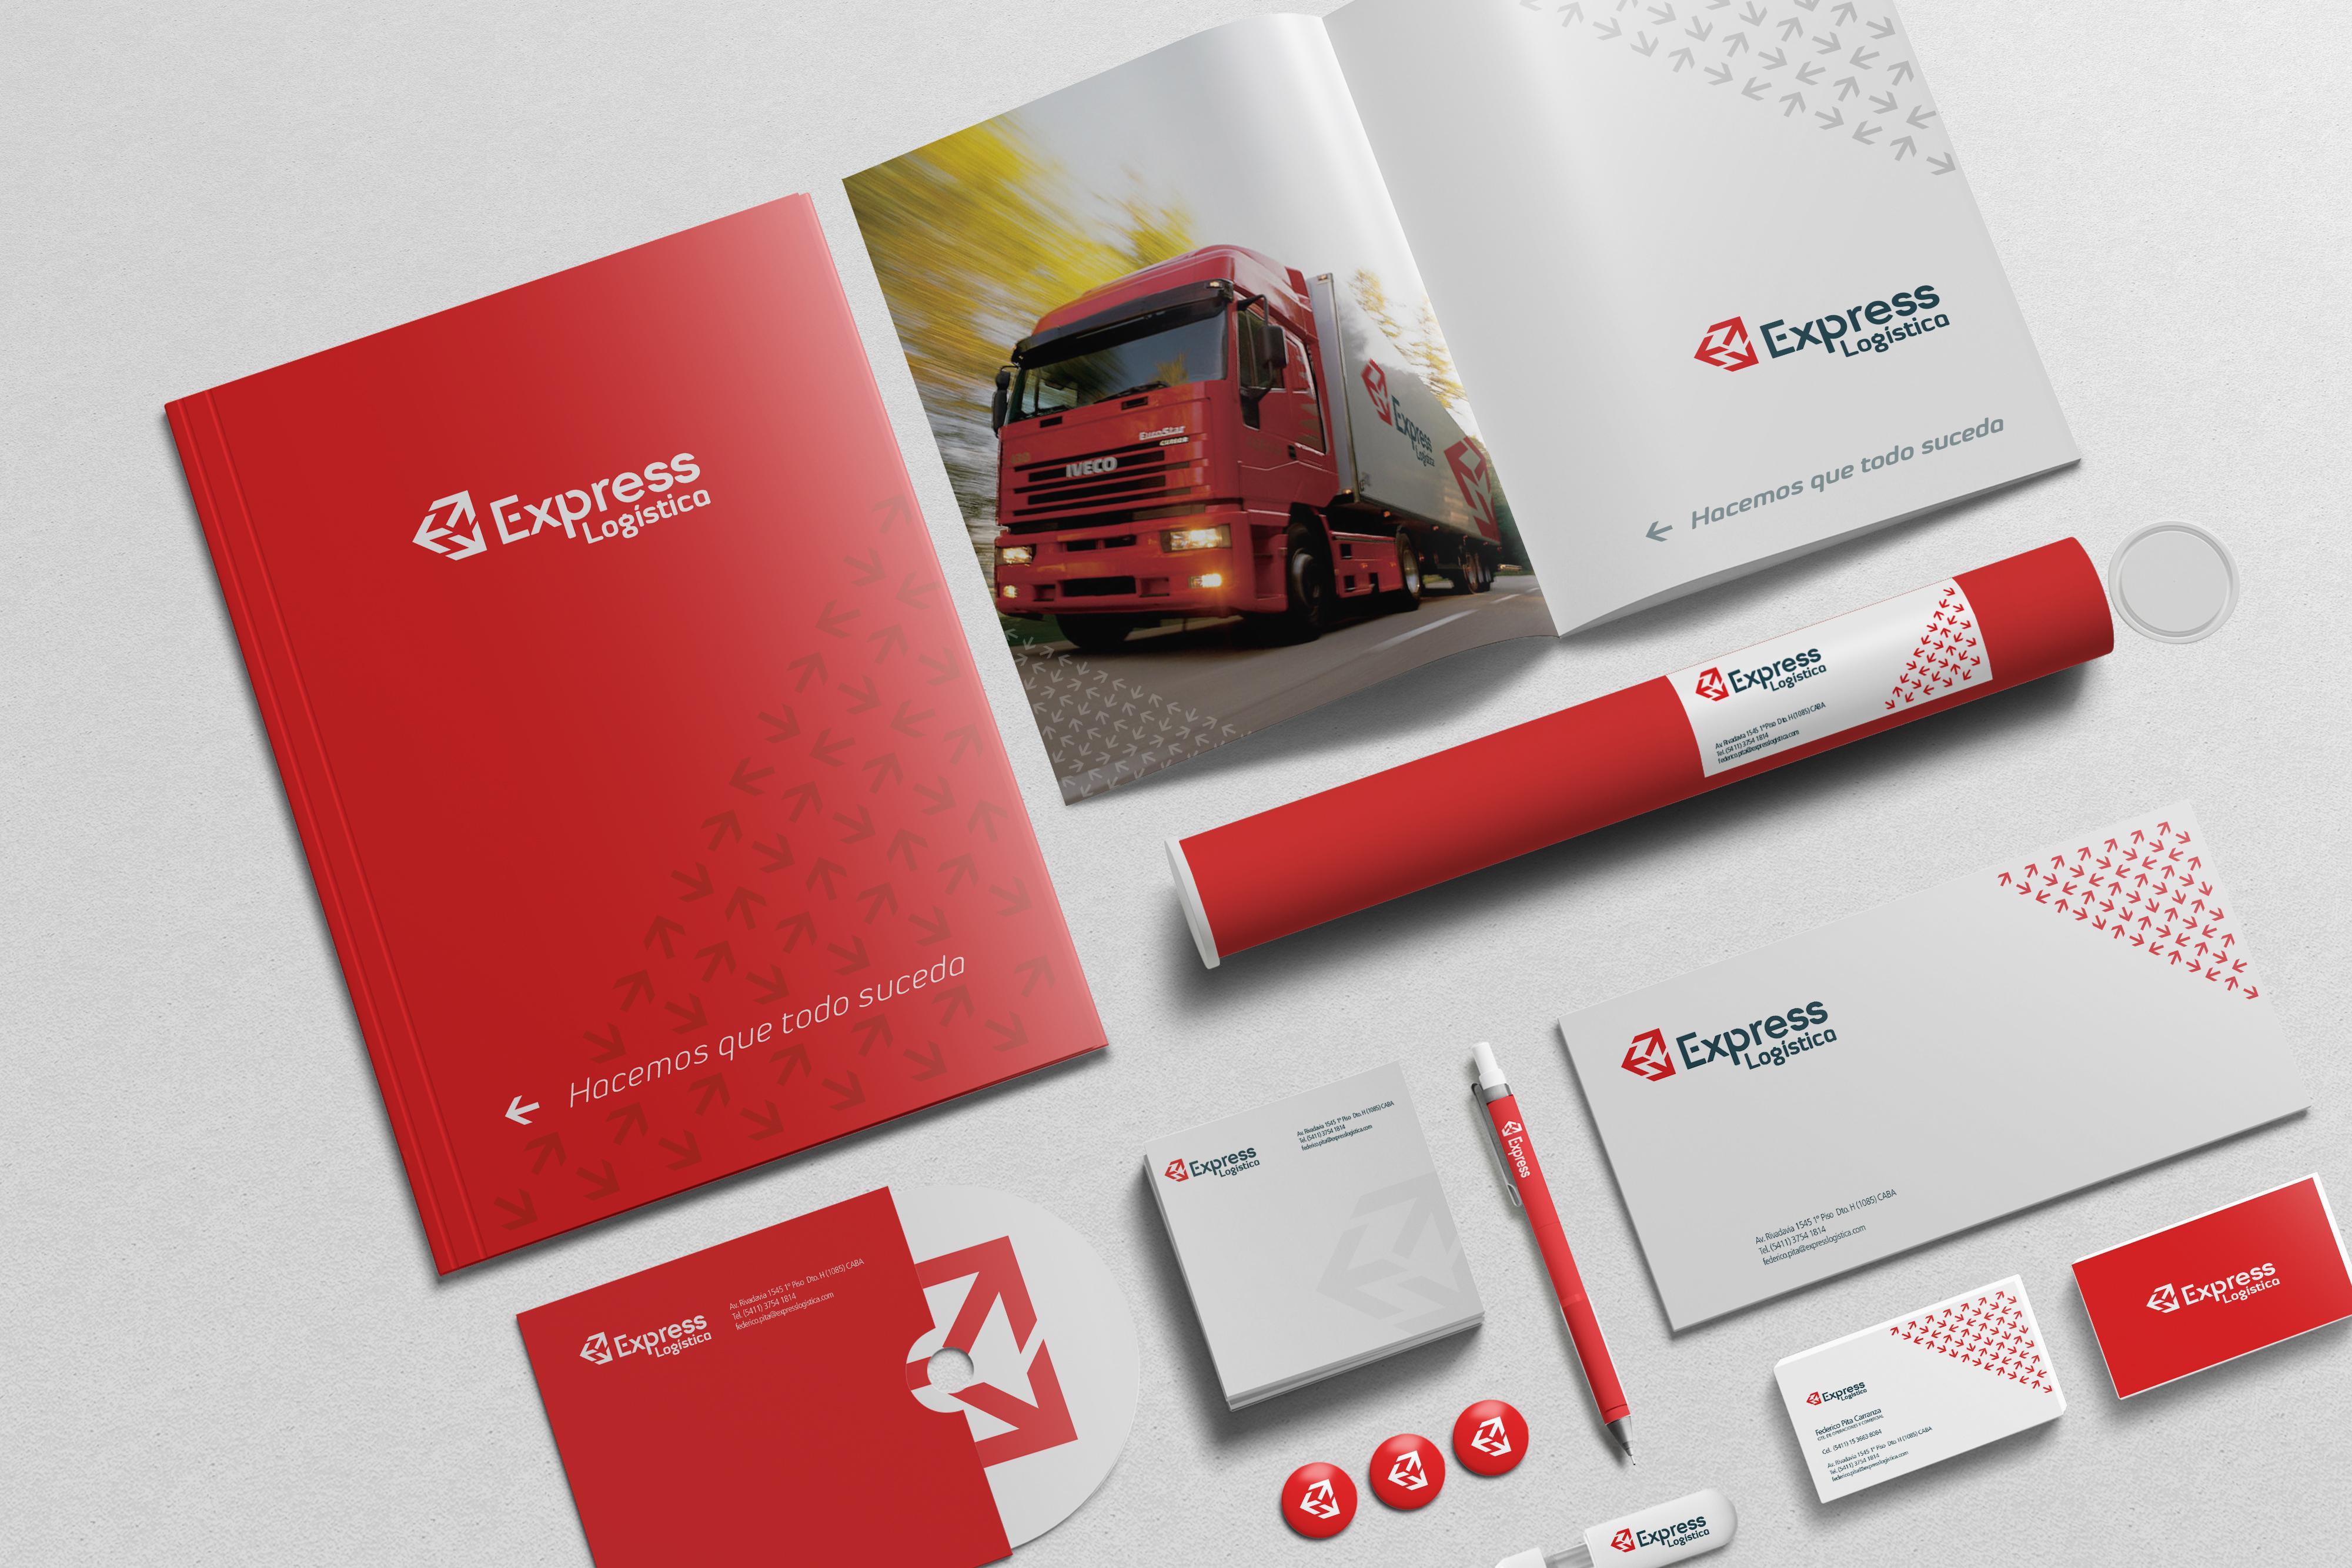 Express Logística